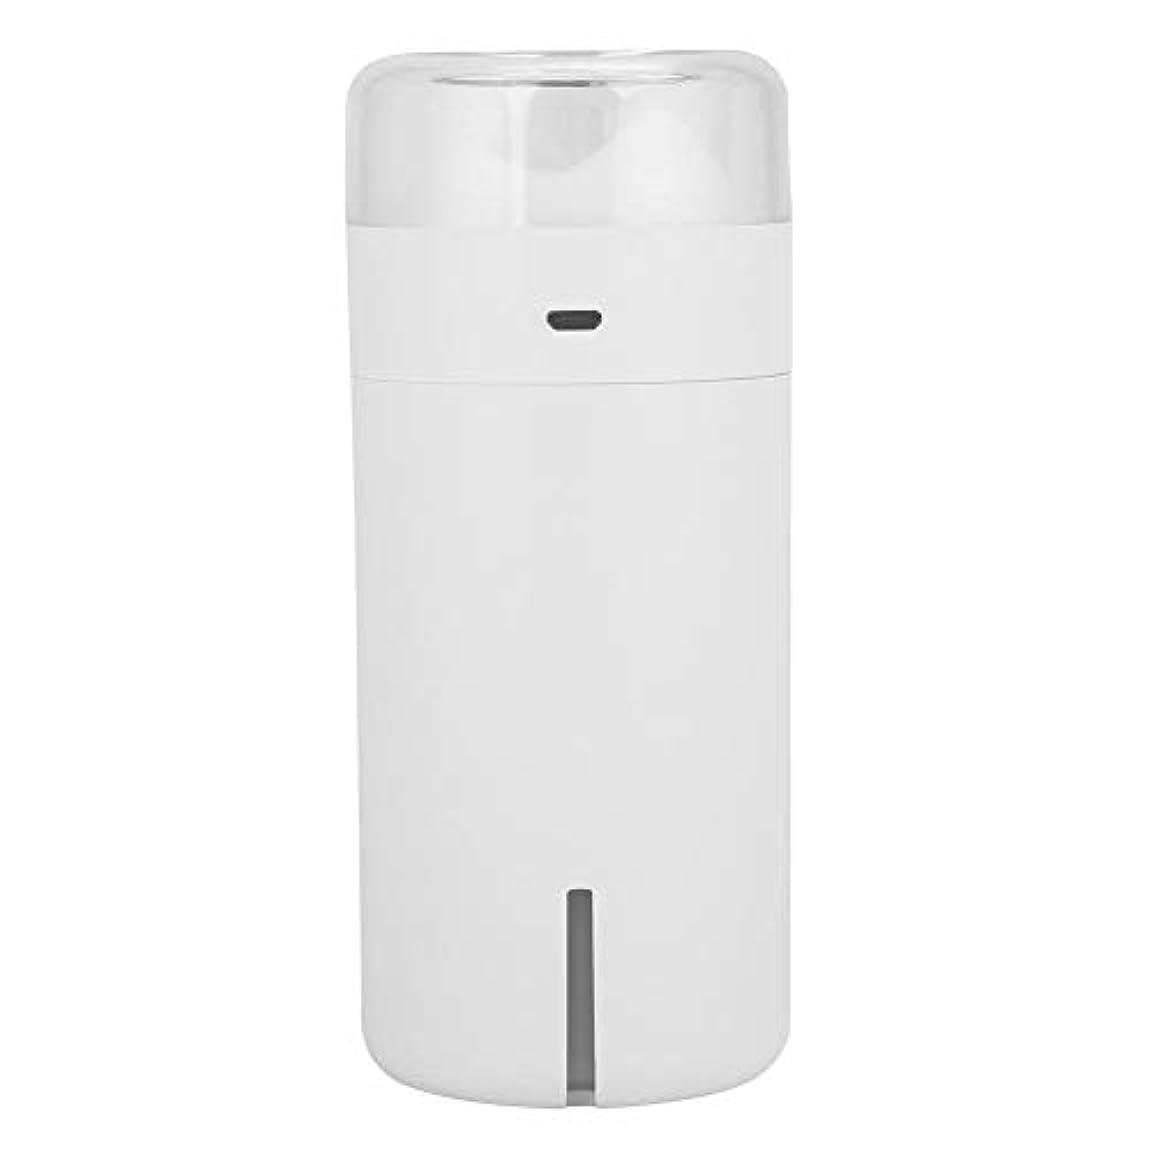 ラメ治世爆弾携帯用拡散器、車のオフィスのためのUSBケーブルが付いている超音波空気加湿器7色LEDの軽い清浄器(白)